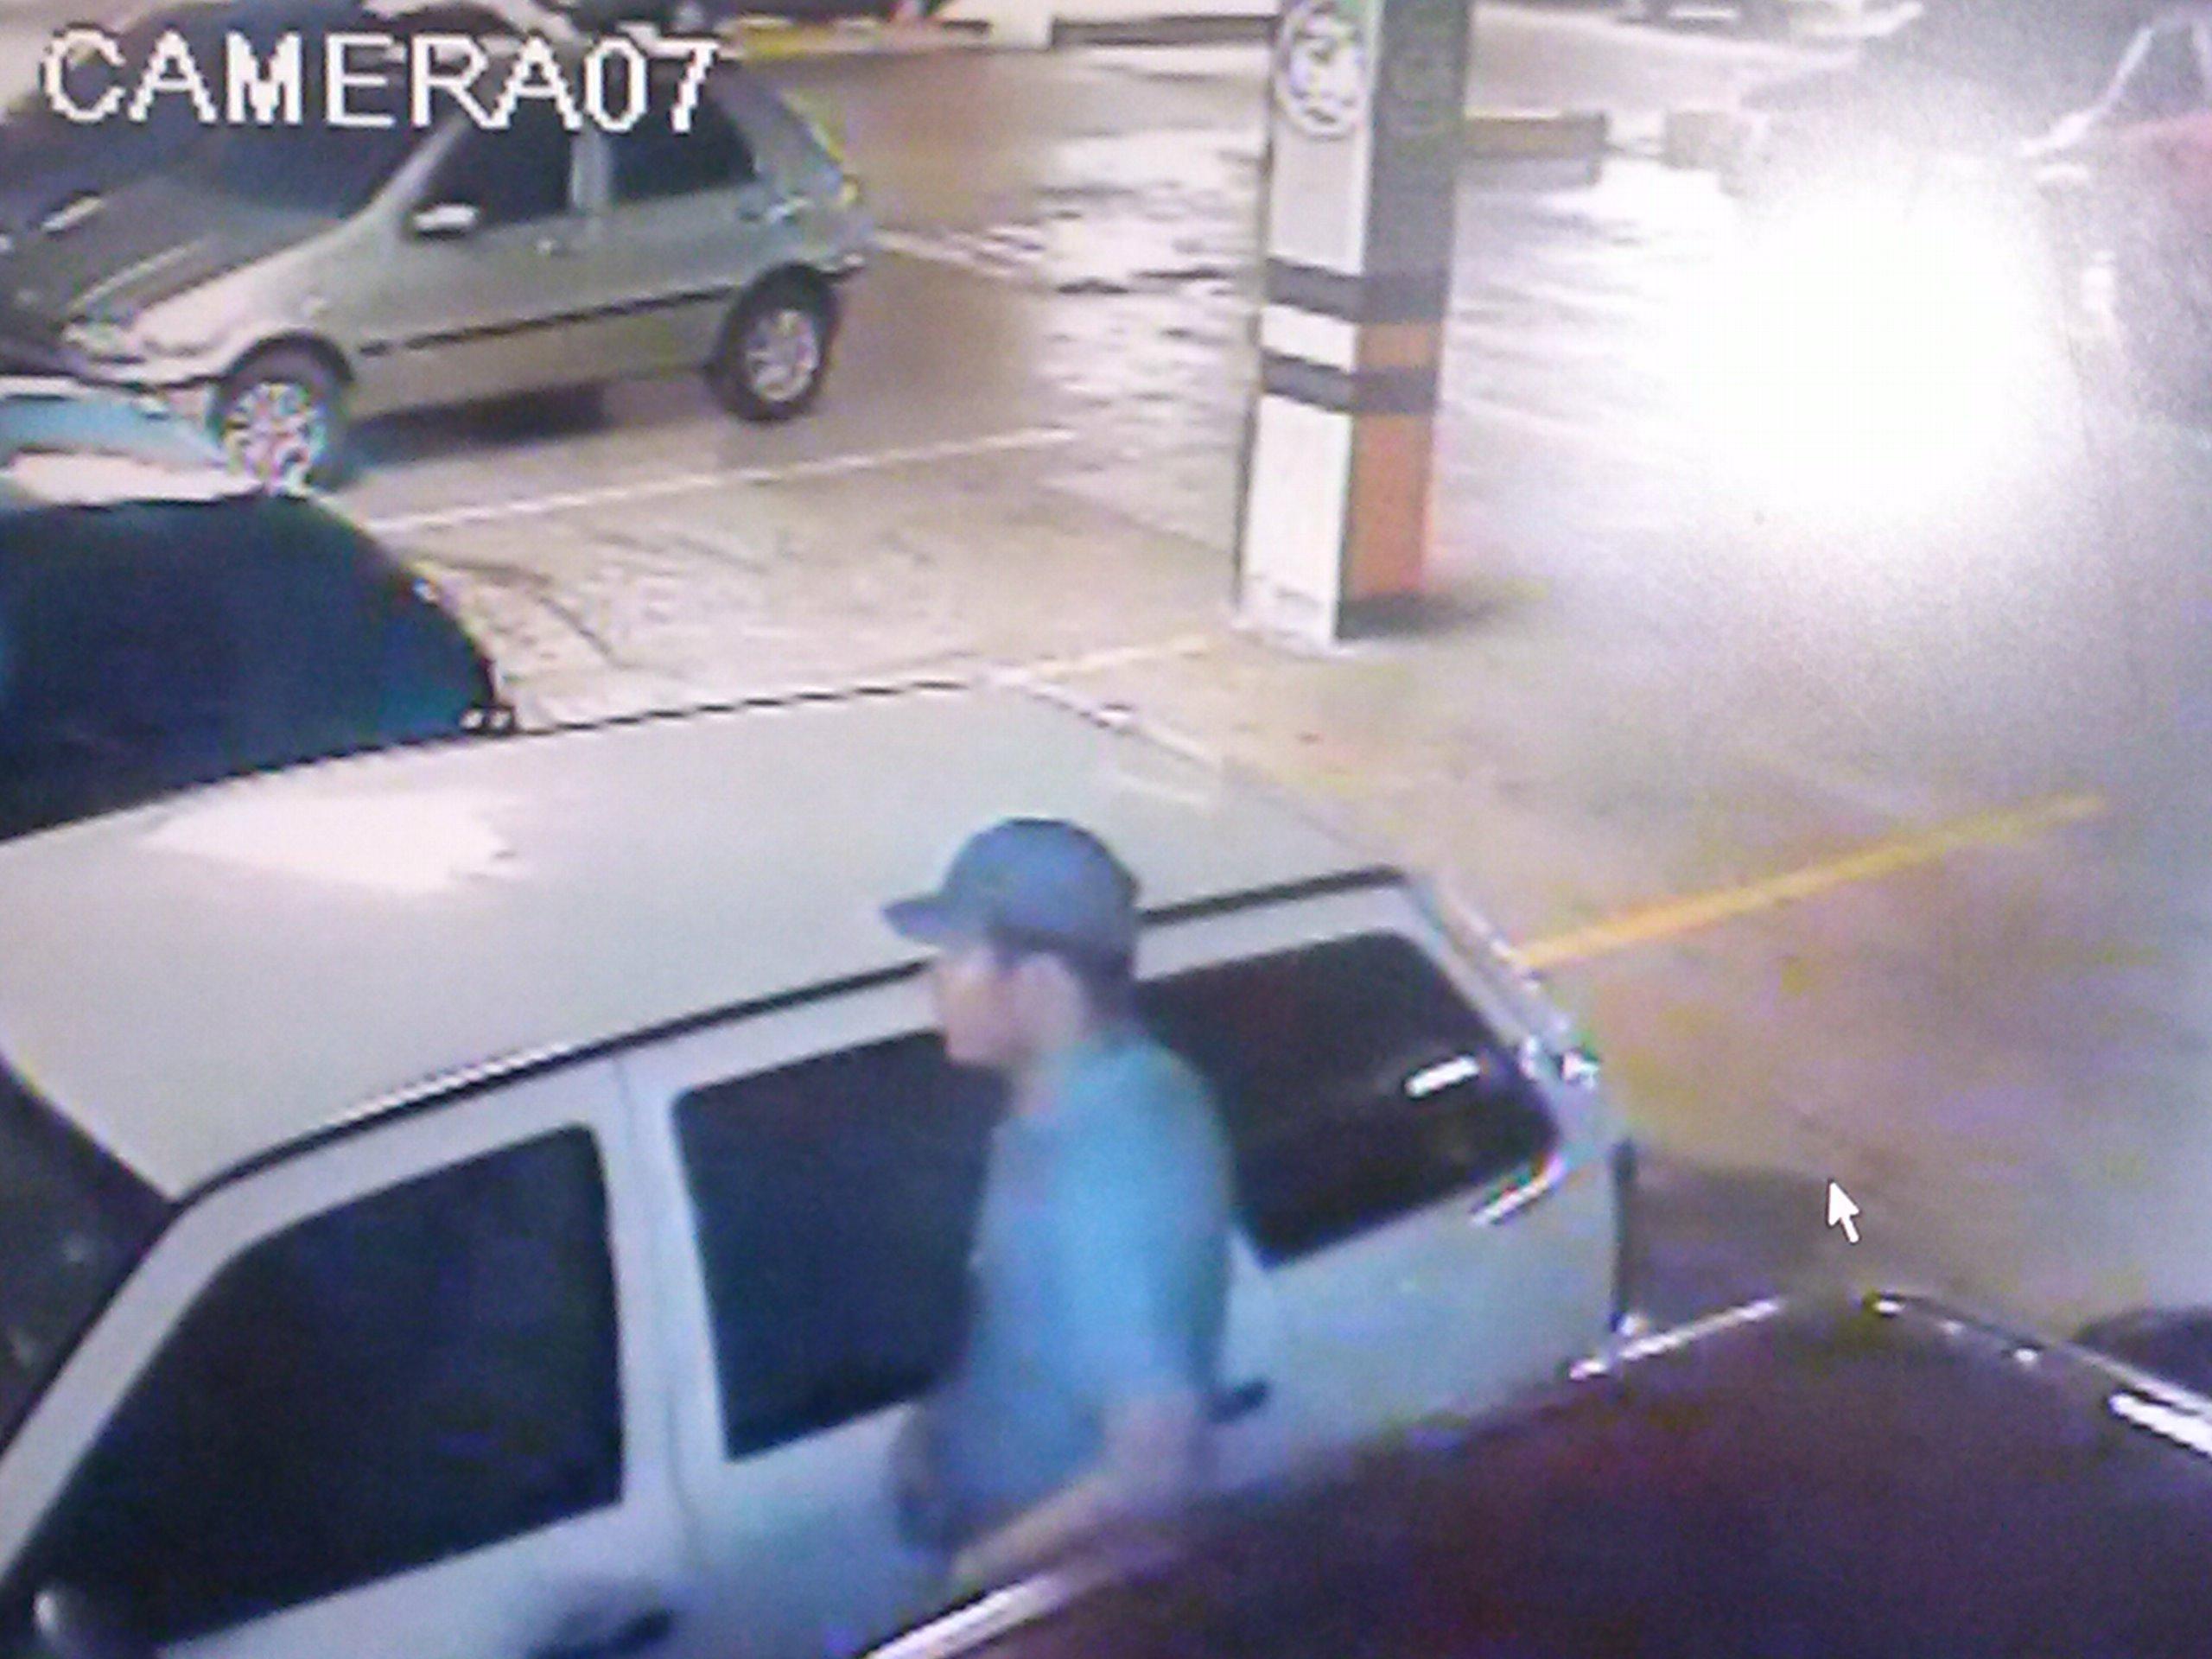 Um ex-fuzileiro naval foi preso, na manhã desta terça-feira (16), acusado de furtar carros em uma rede de supermercados de Fortaleza